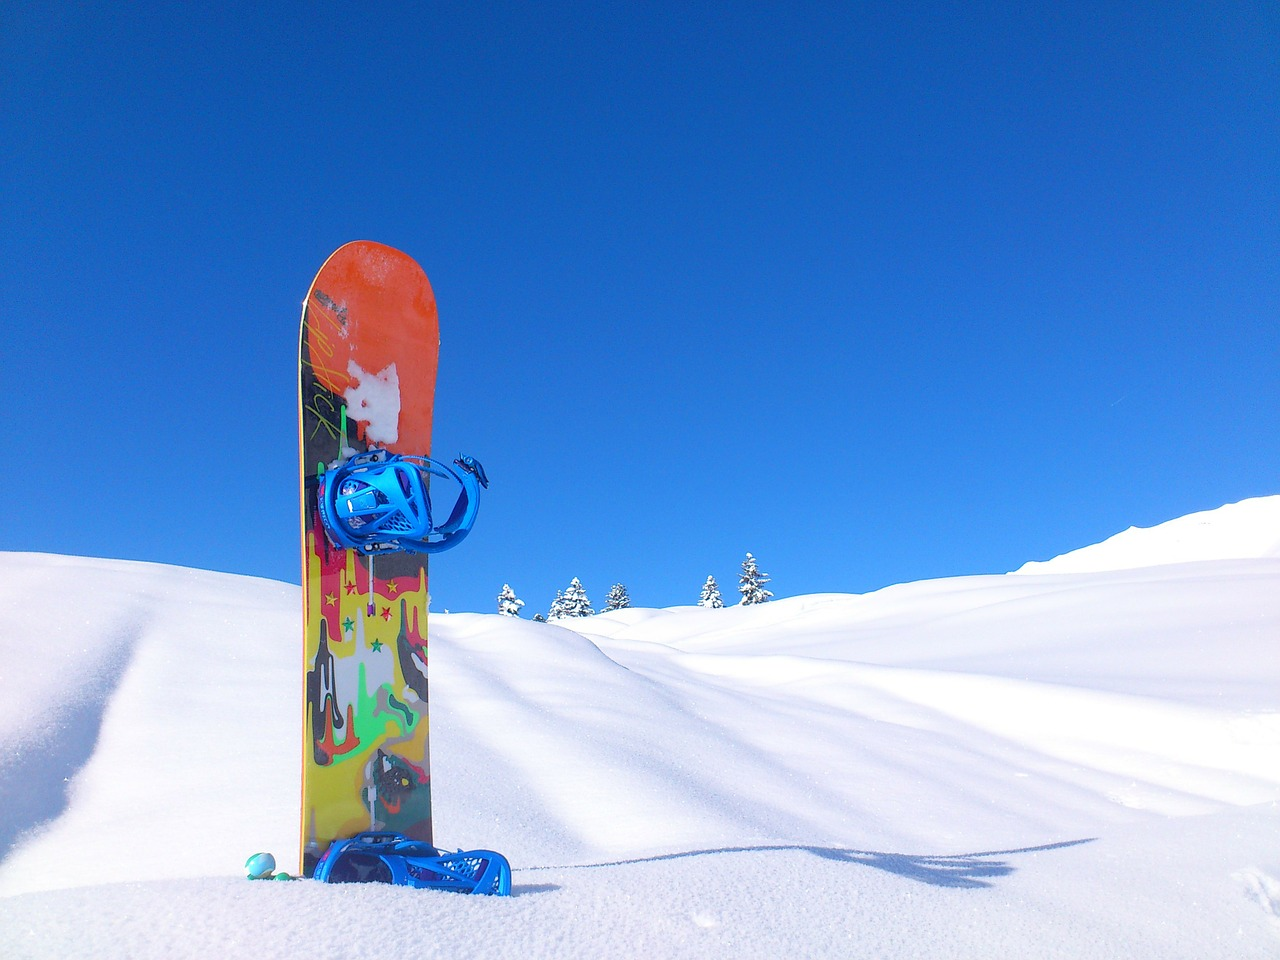 スノーボード写真